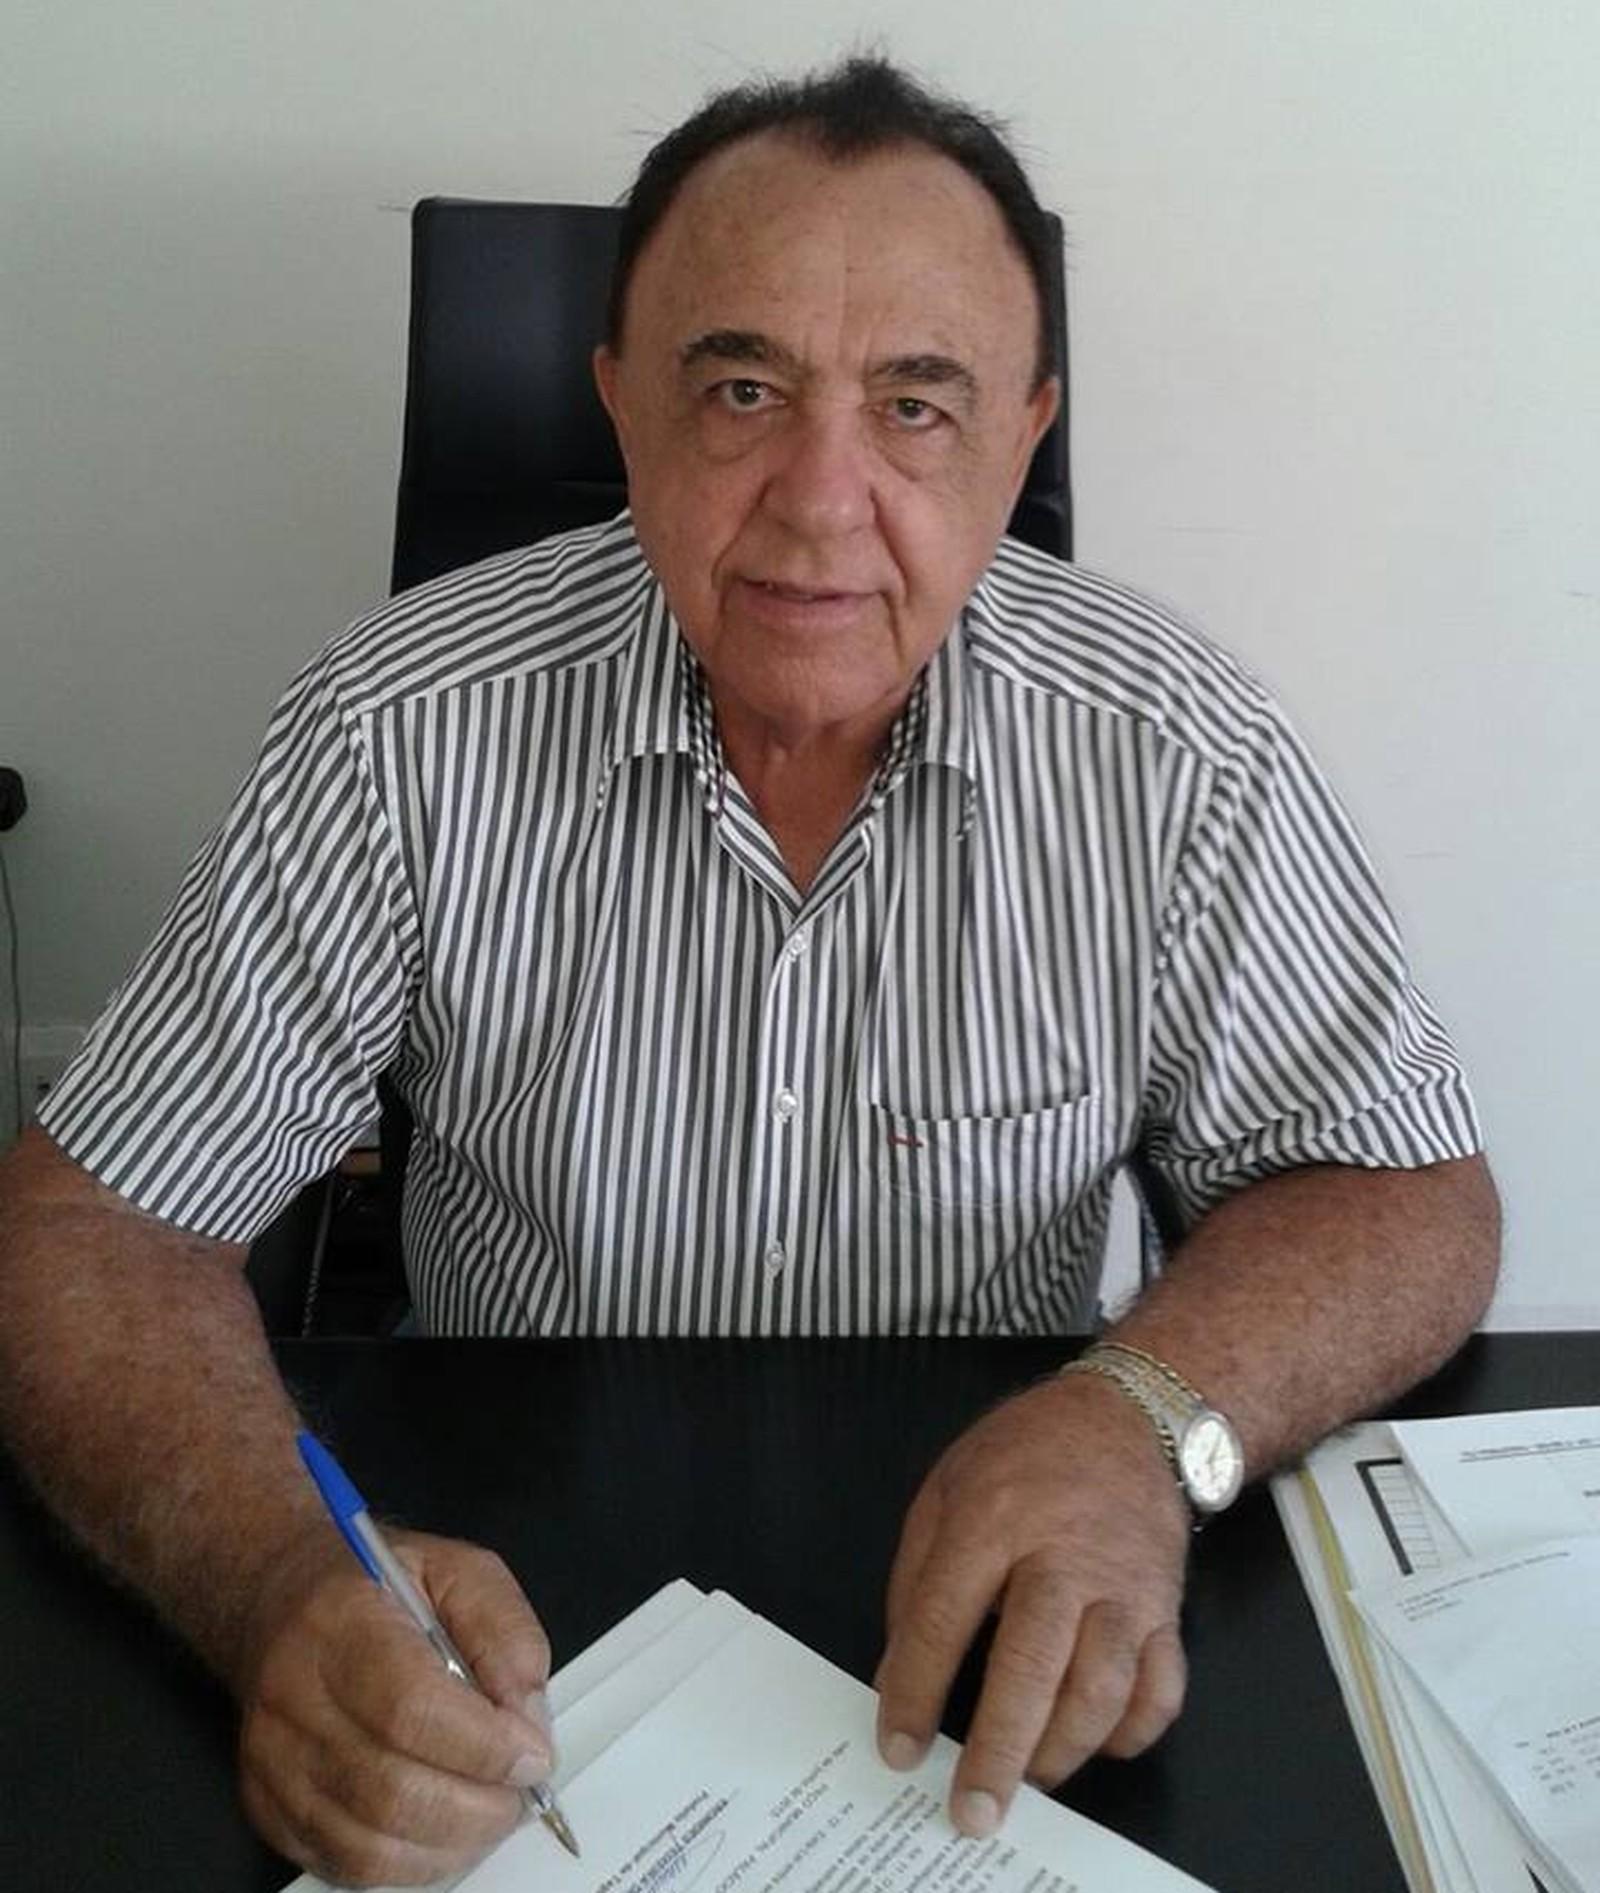 Ex-prefeito de Taguatinga é condenado por não repassar dinheiro de empréstimos dos servidores para bancos